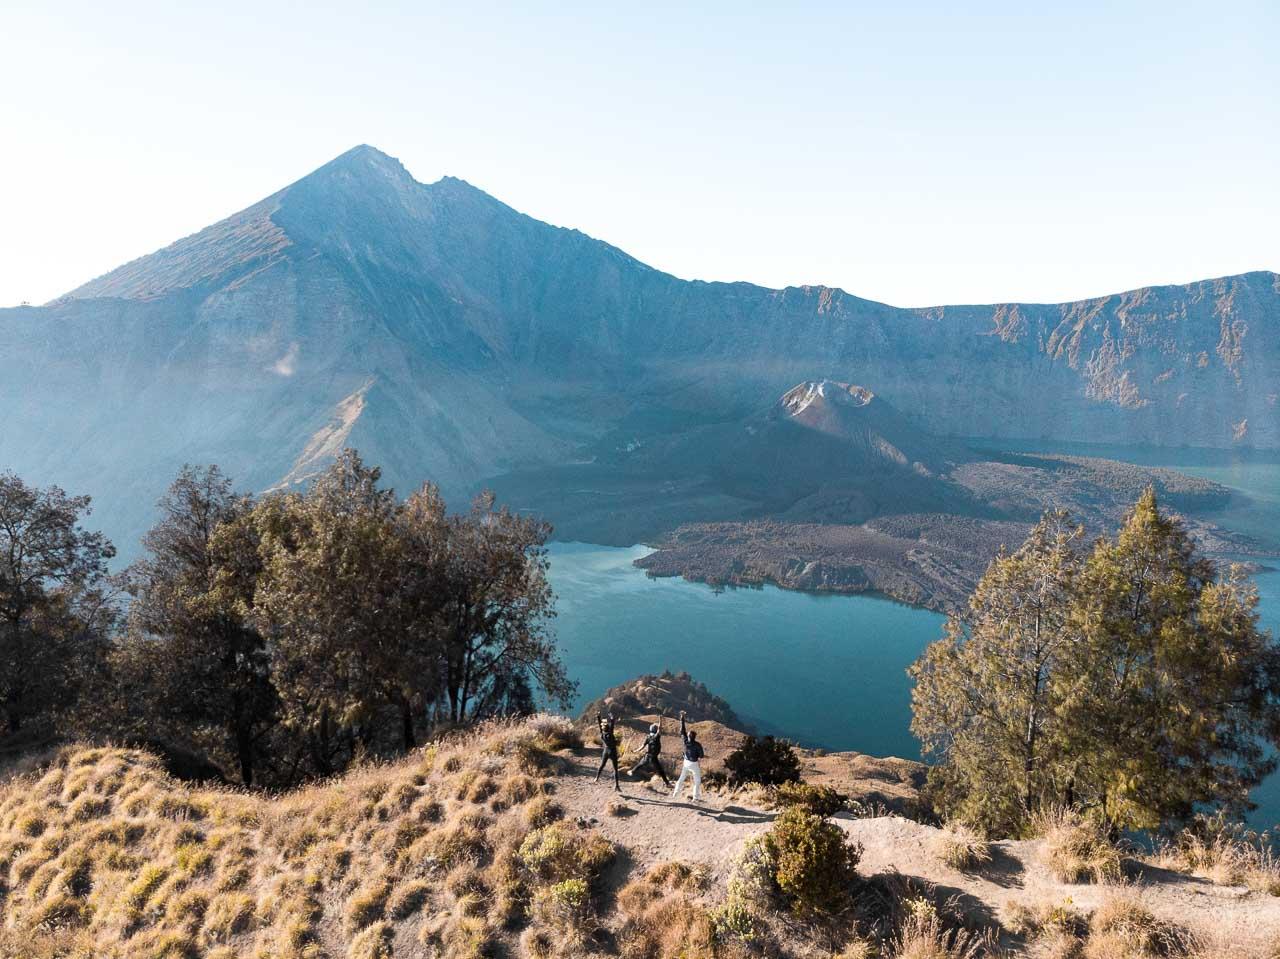 Mount Rinjani Lombok jump